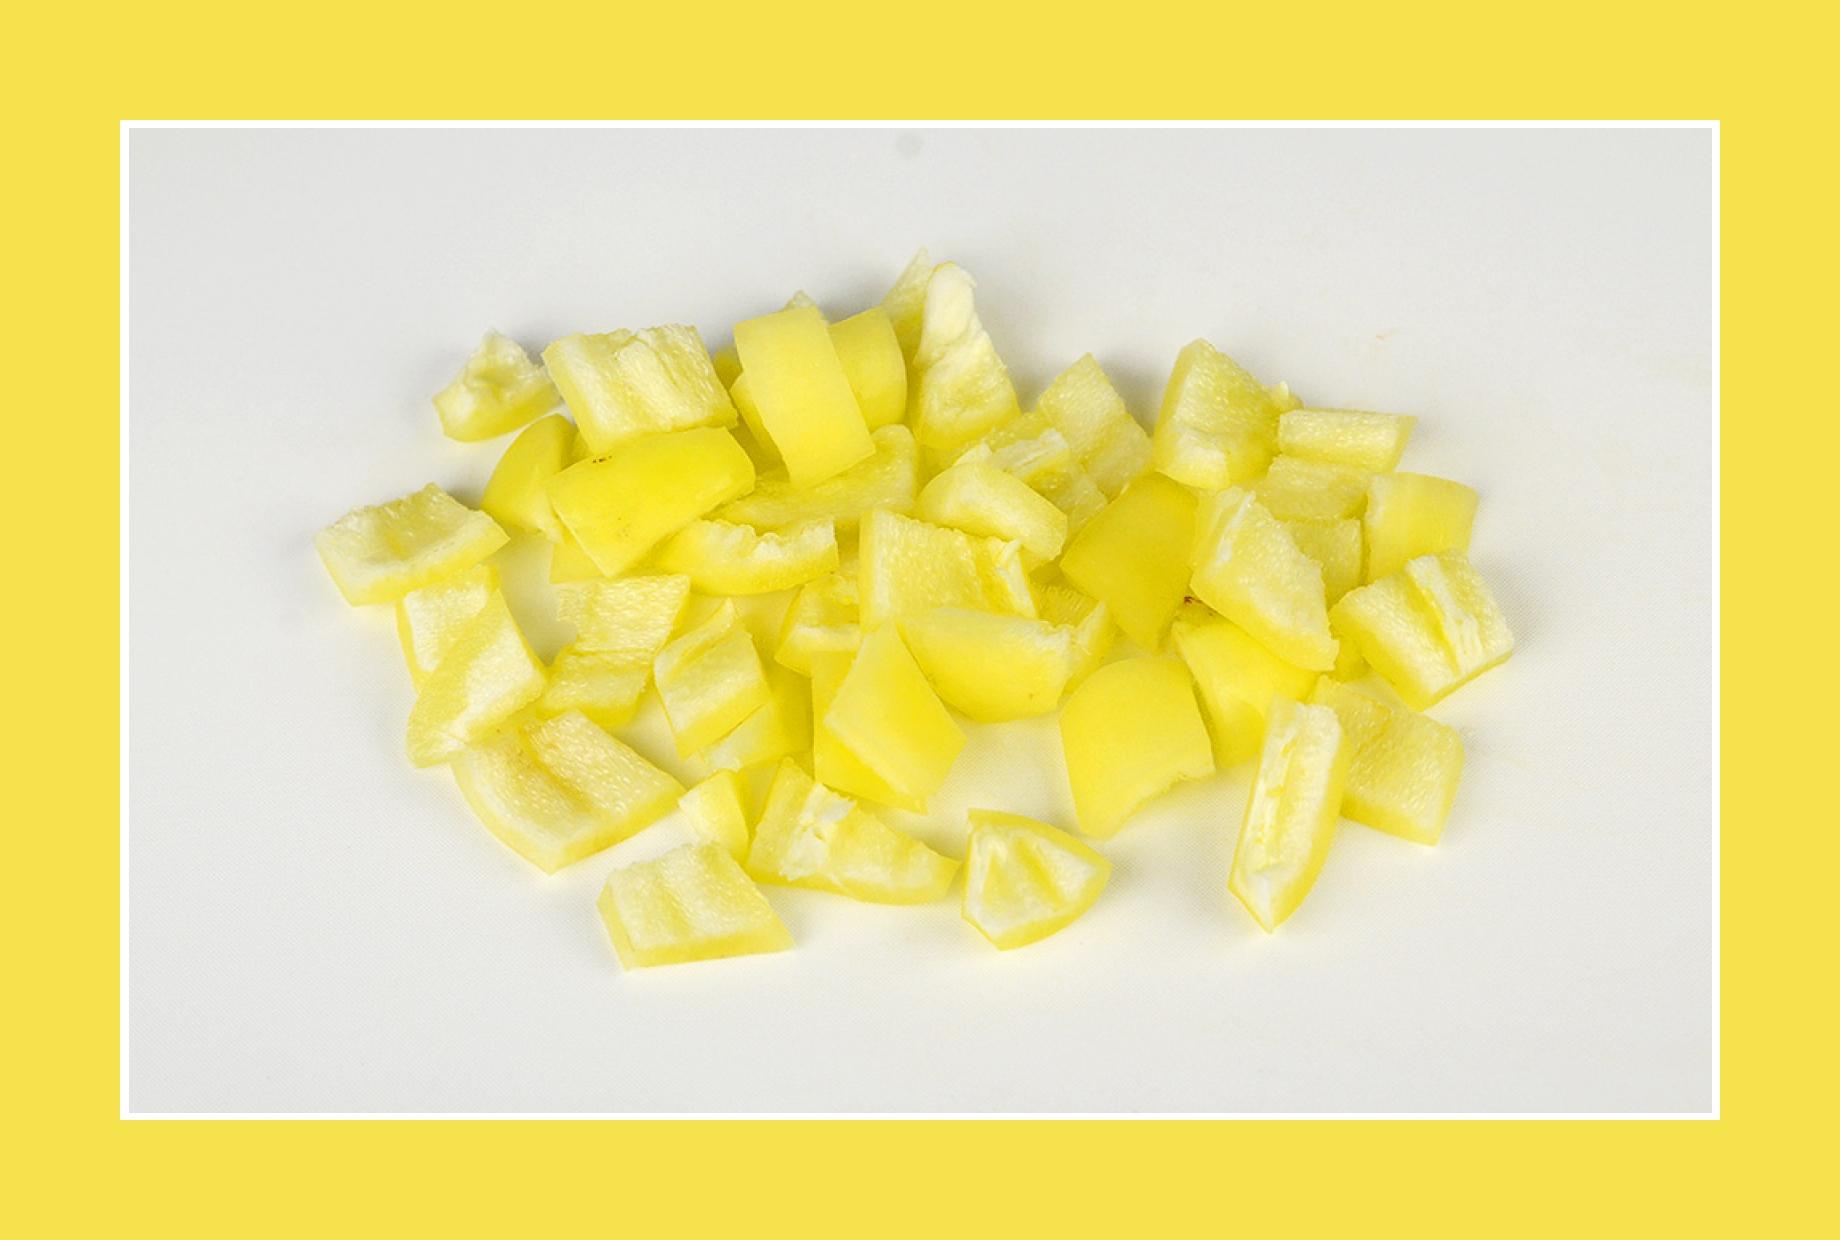 gelbe Paprika für bunten Salat